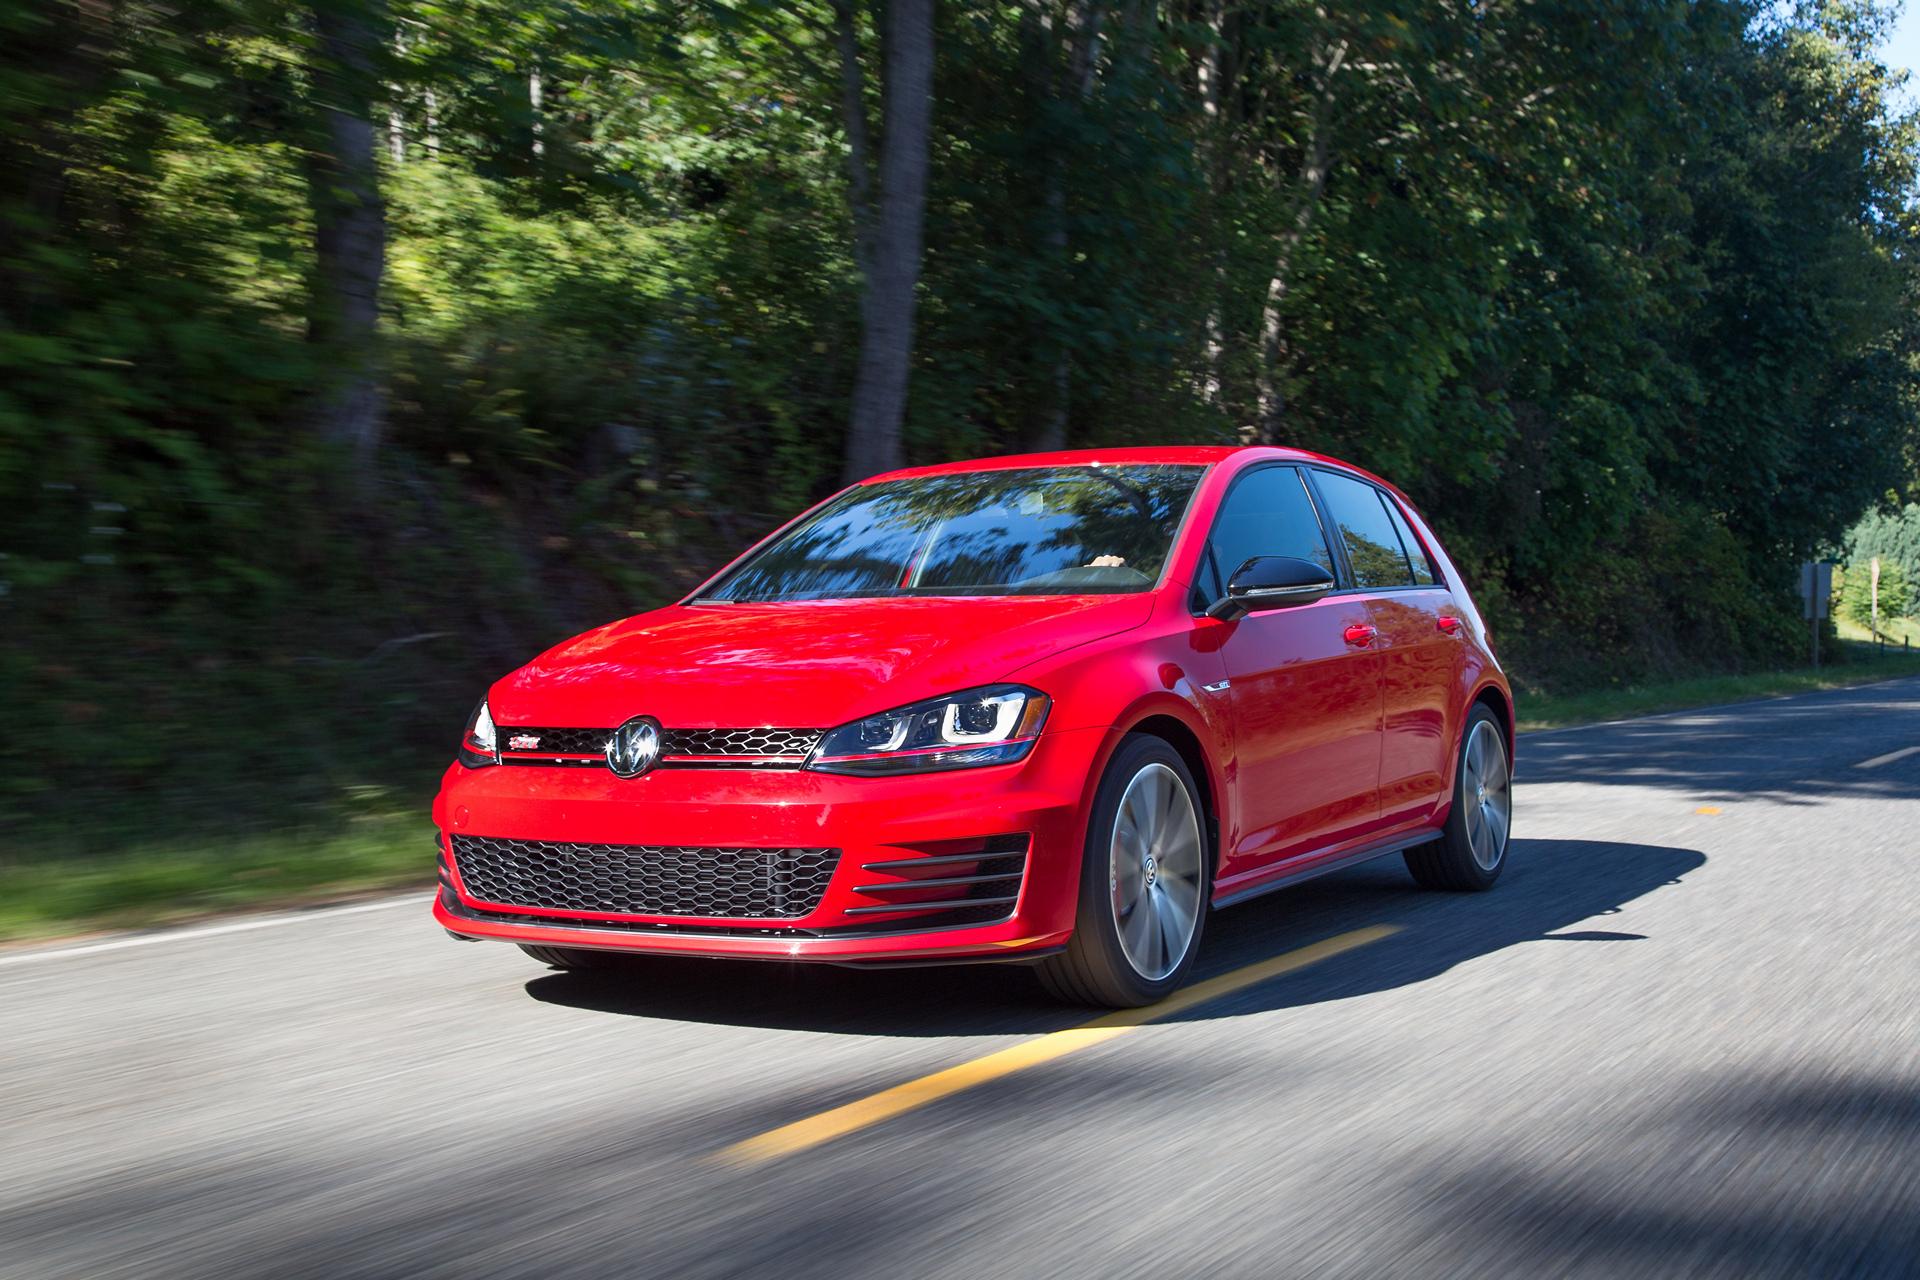 2017 Volkswagen Golf GTI © Volkswagen AG